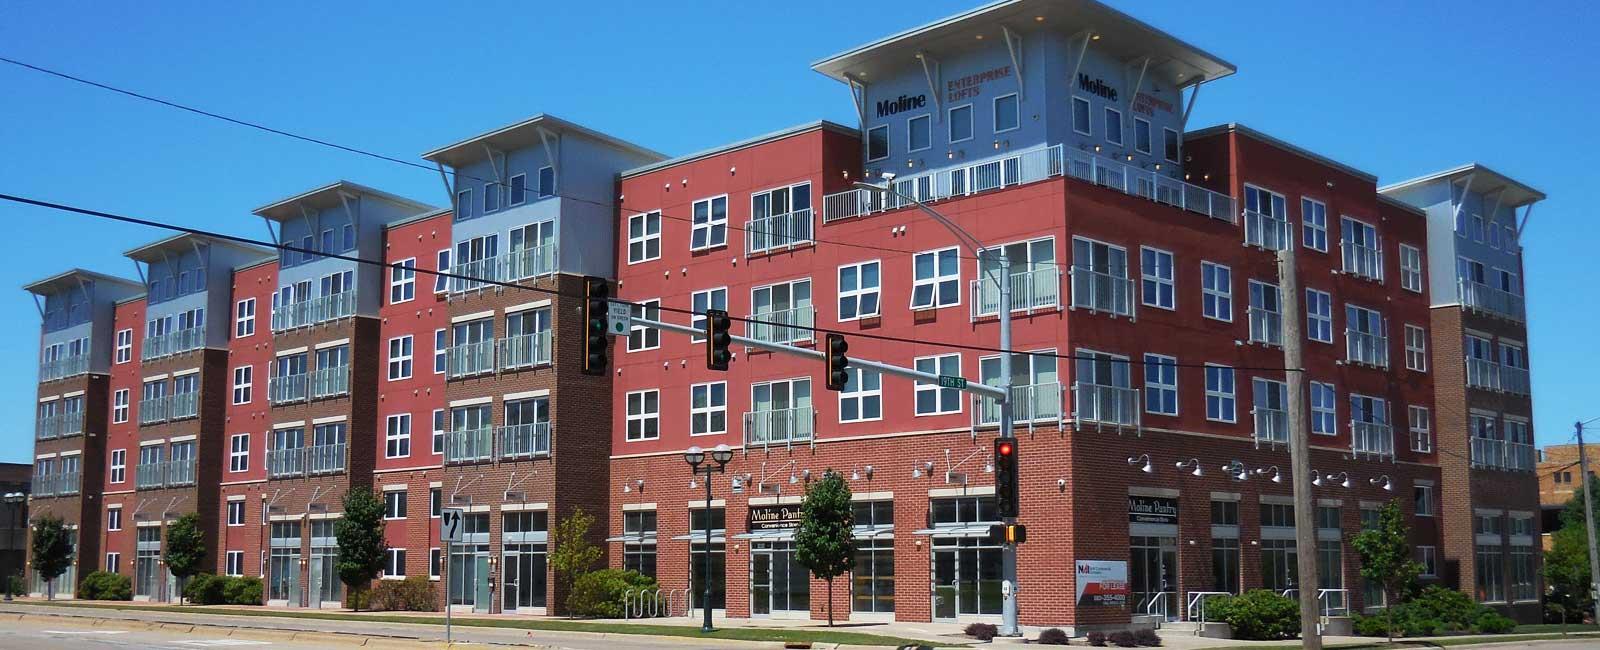 Moline Enterprise Lofts, Tri-City Electric Co., Davenport